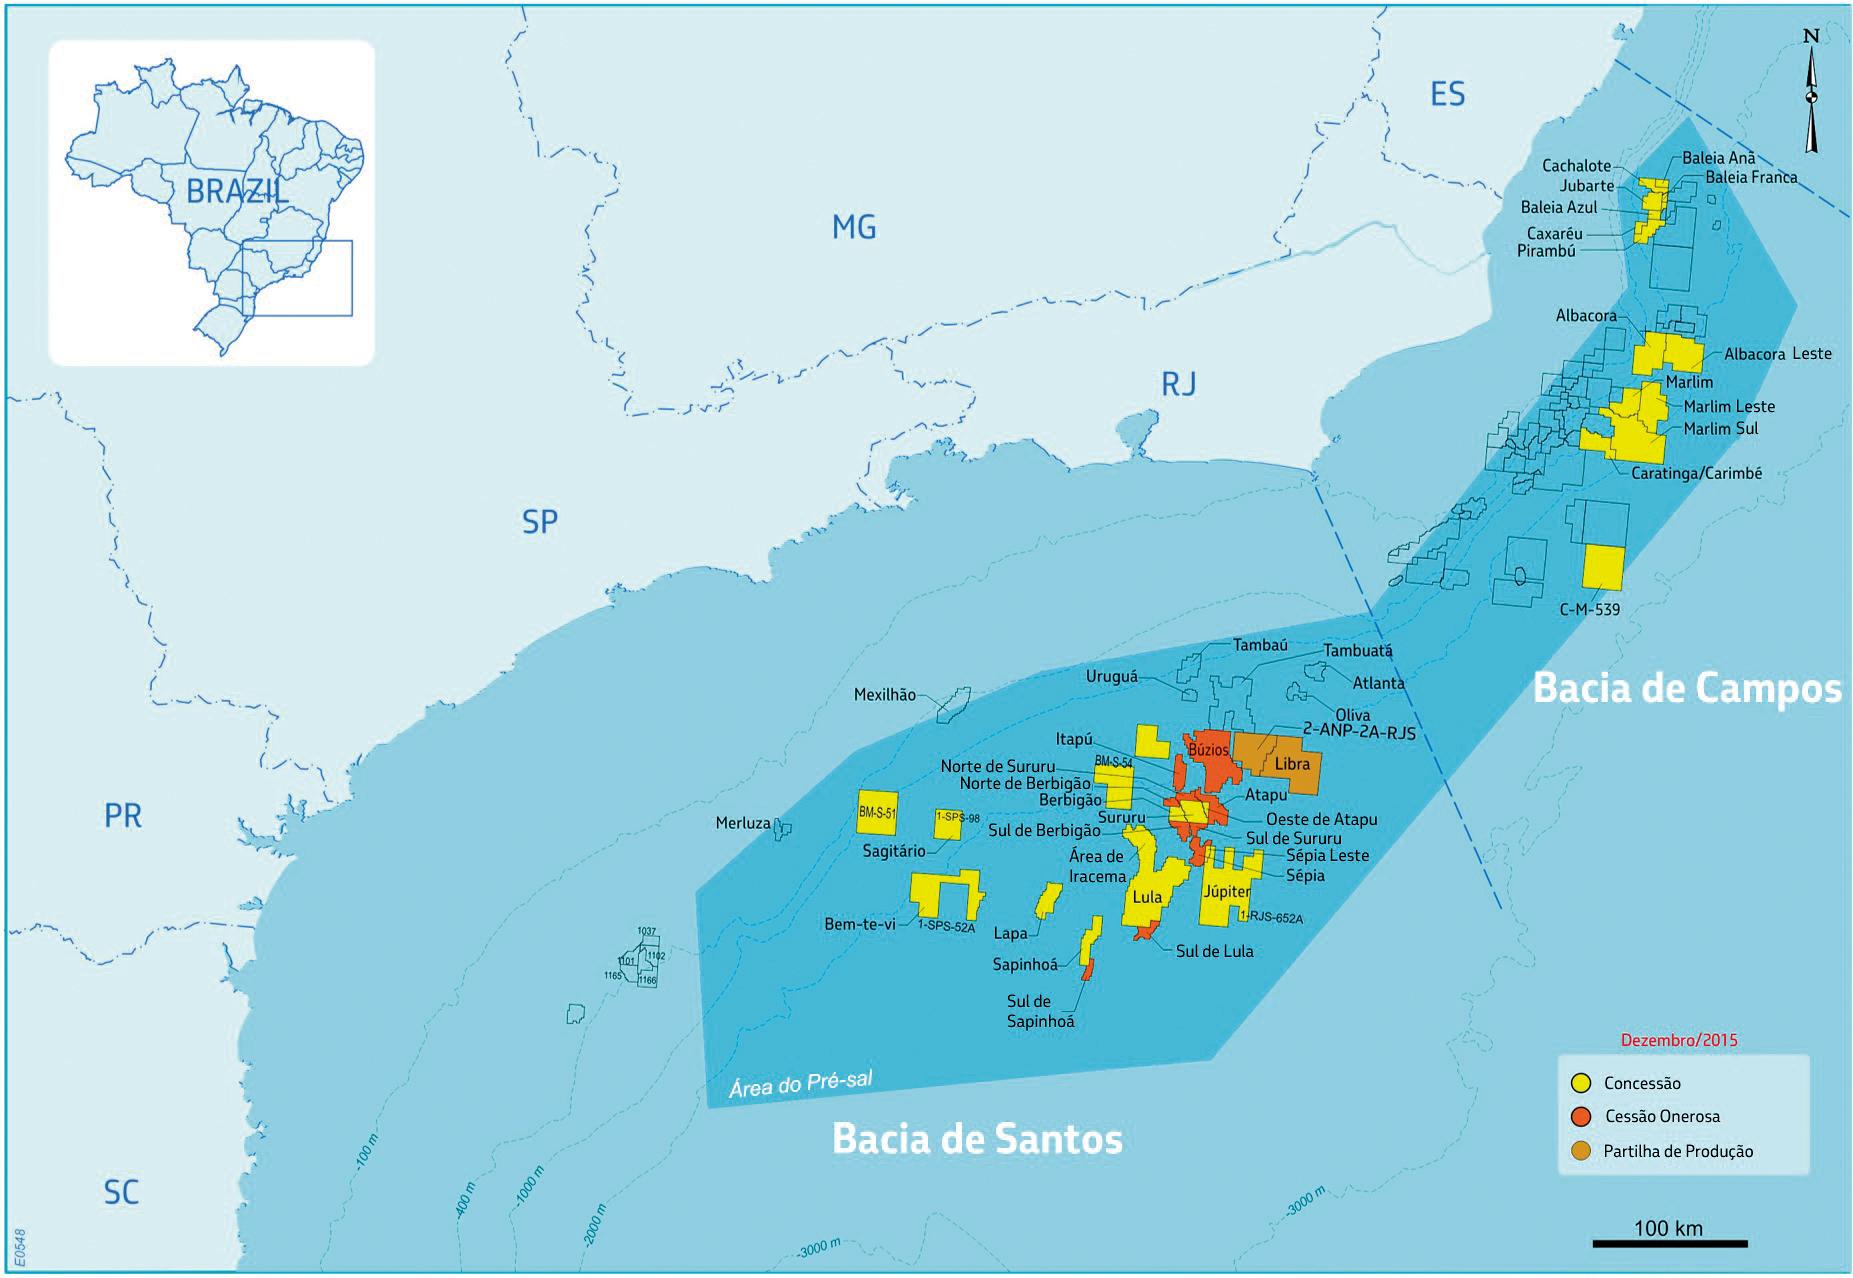 Mapa Concessões Pré-Sal, referente a 2015